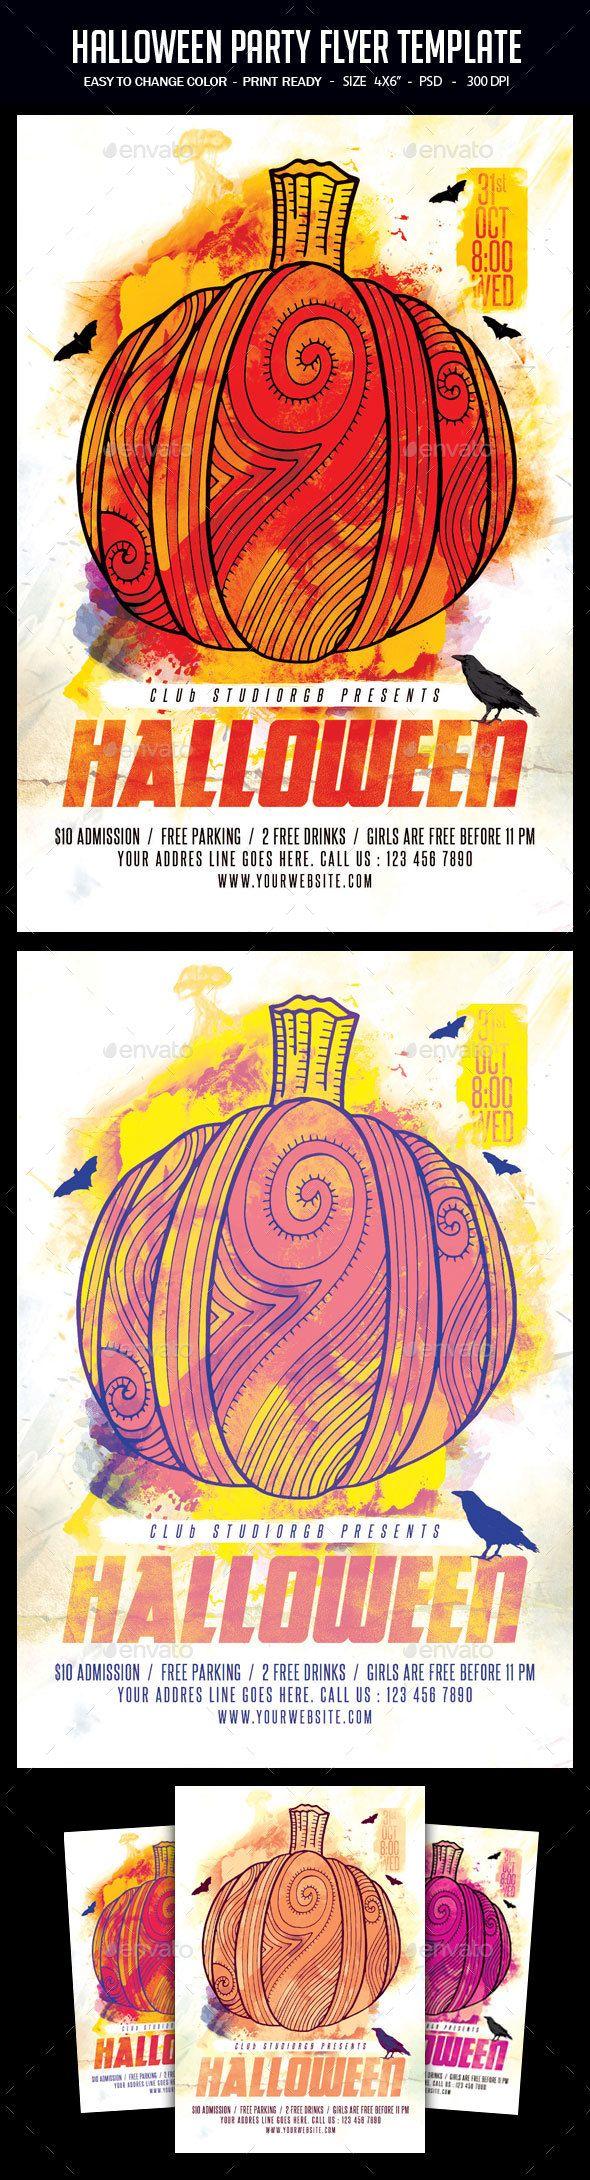 Best 25+ Halloween party flyer ideas on Pinterest   Flyers ...